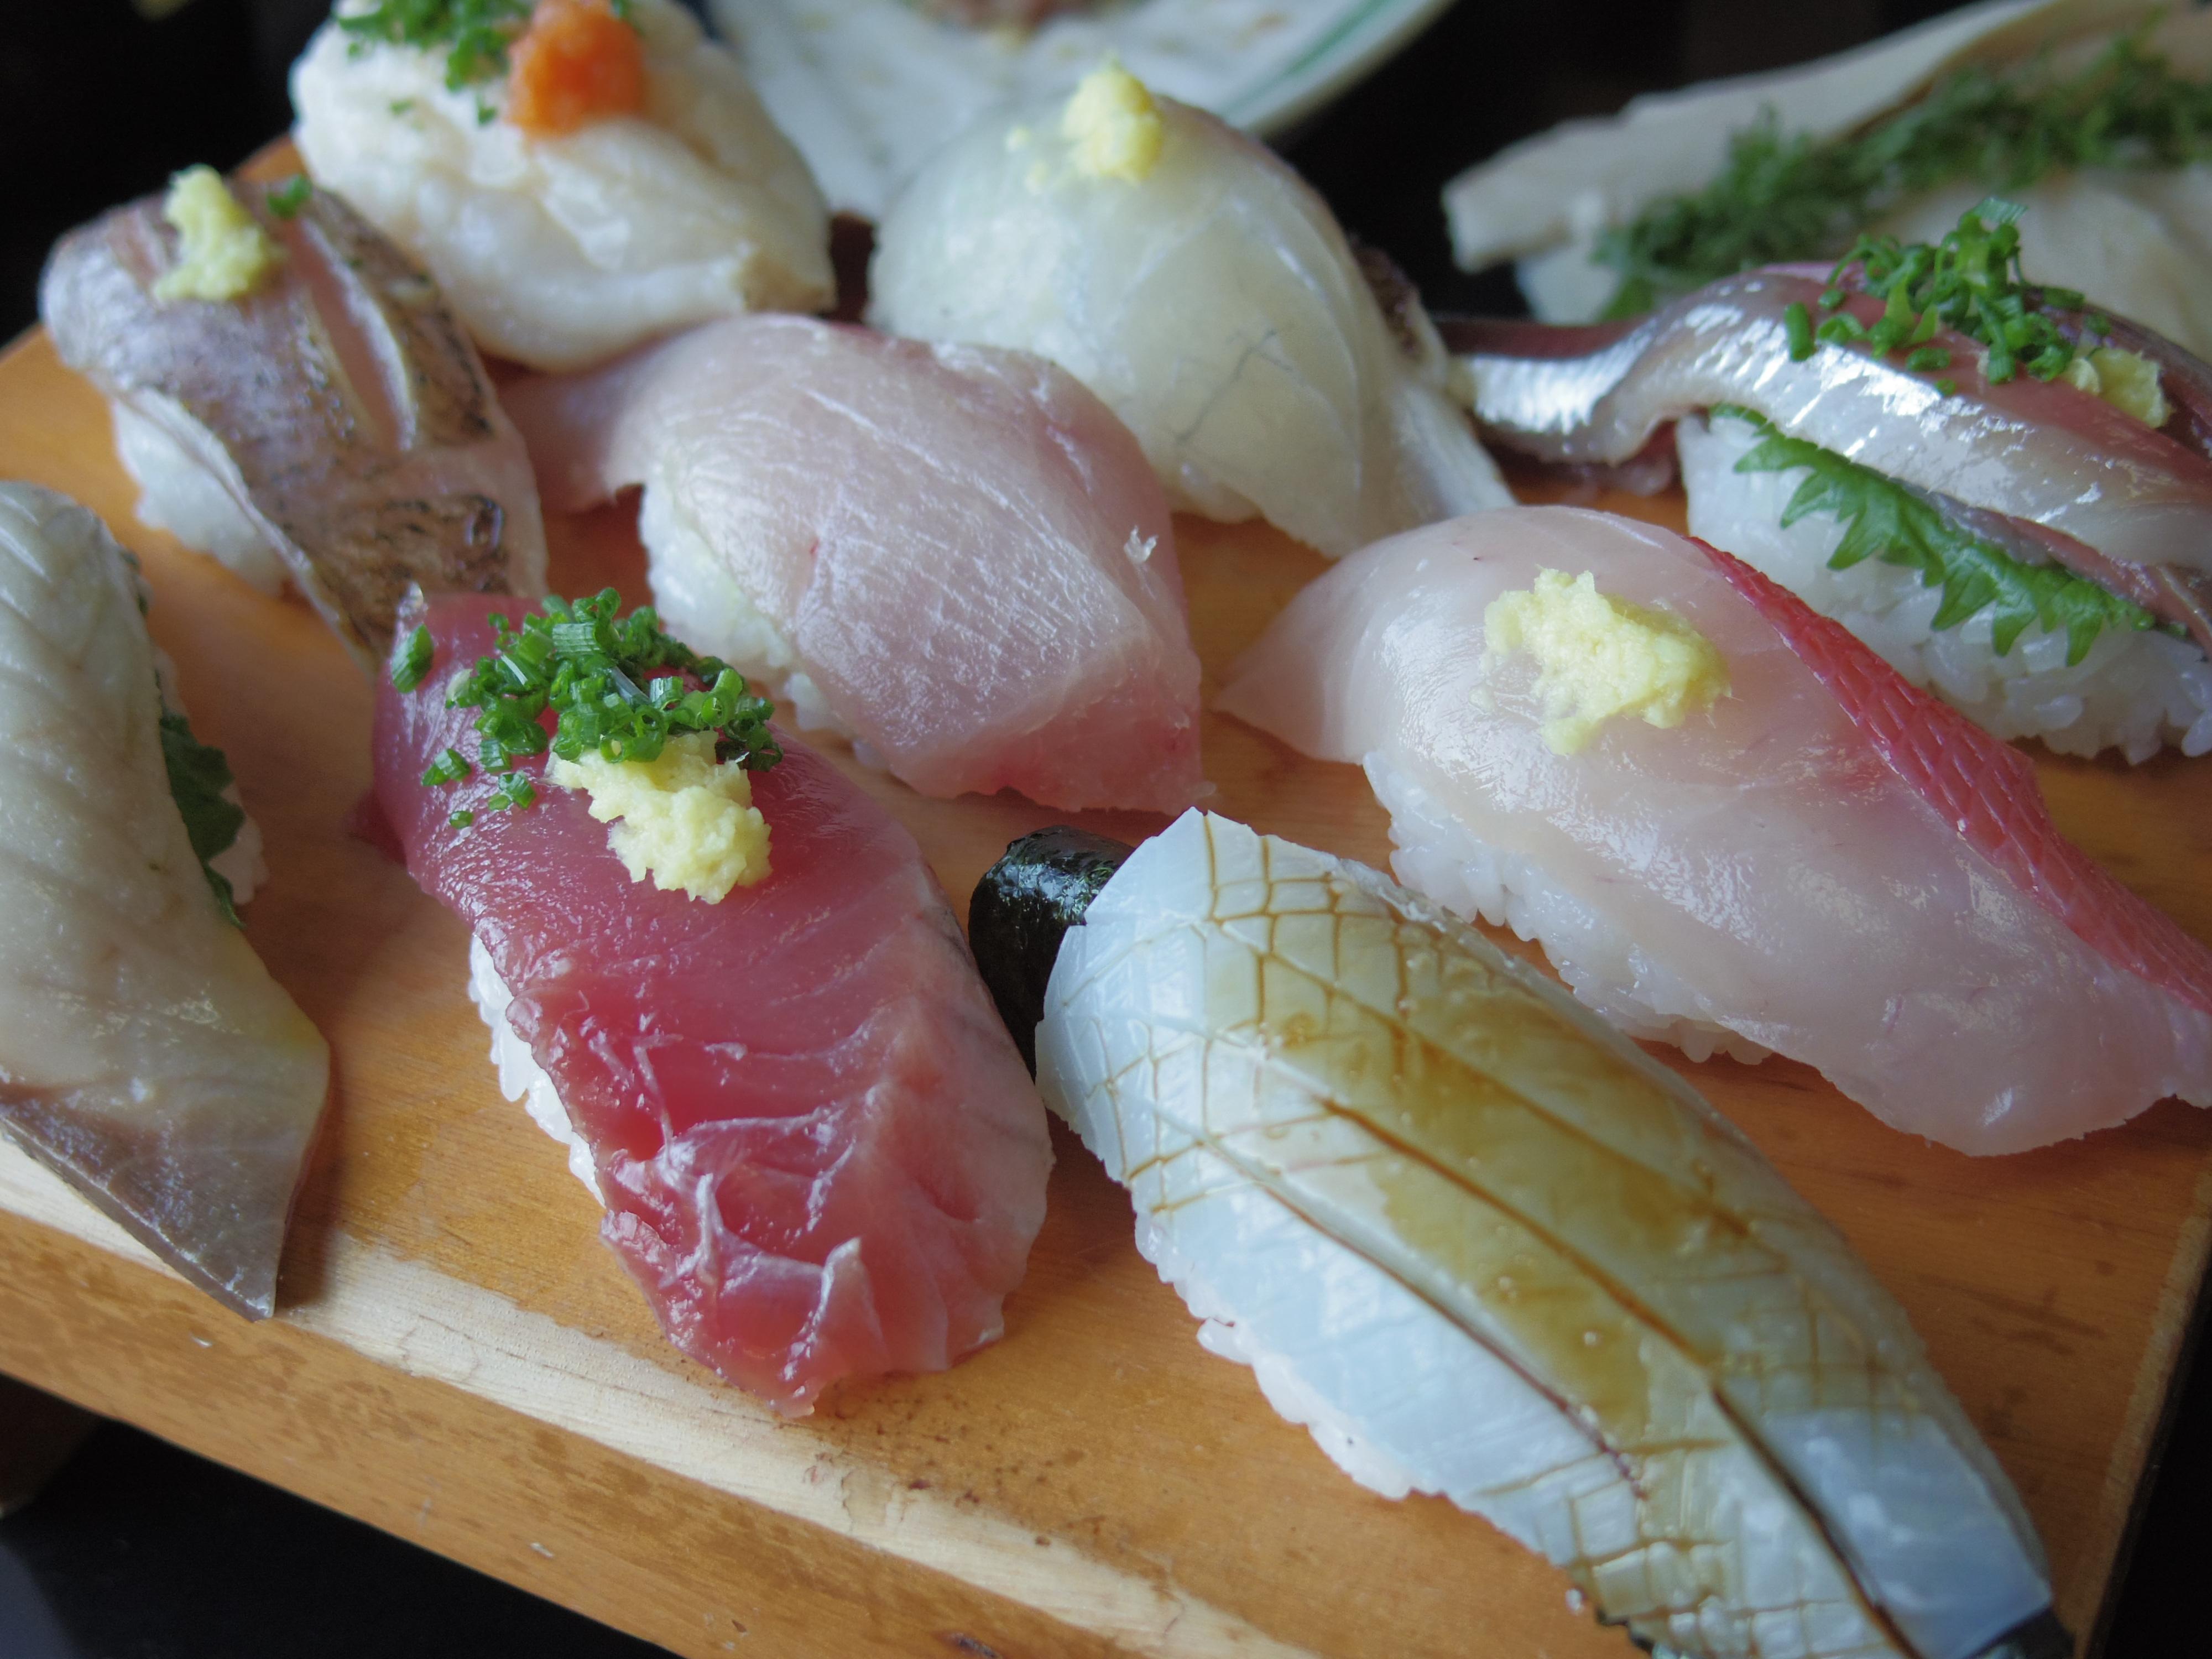 千葉のお寿司屋さんにて。お腹ペコペコだったので食欲と戦いながら撮った1枚。1/320秒 / F1.9 / 0EV / ISO200 / 絞り優先AE / WB:オート / 8.5mm